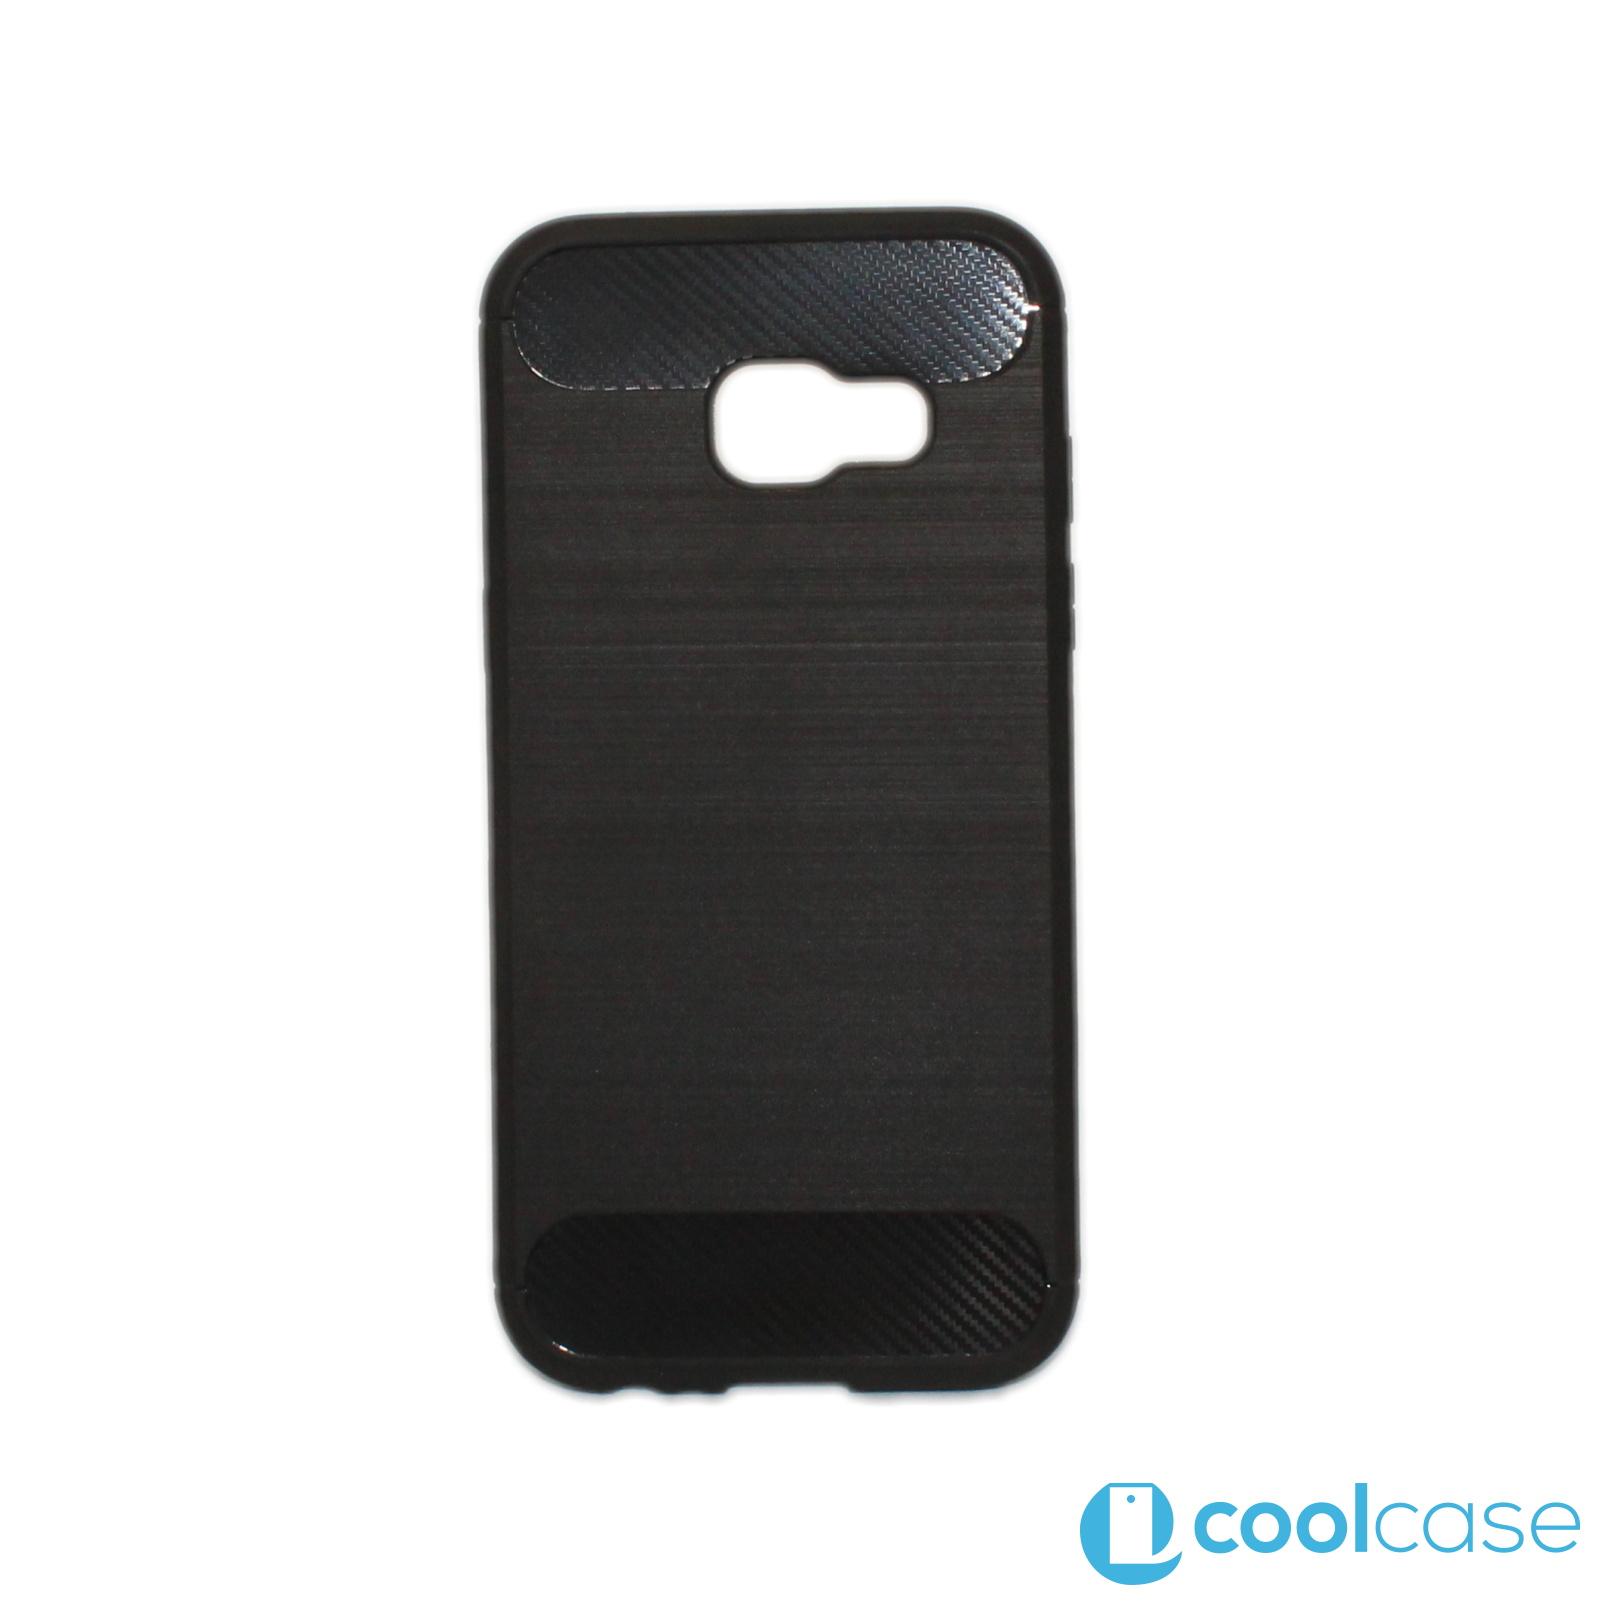 Silikonové pouzdro Carbon Brushed na mobil Samsung Galaxy A3 (2017) Černé d6a0e93a40f